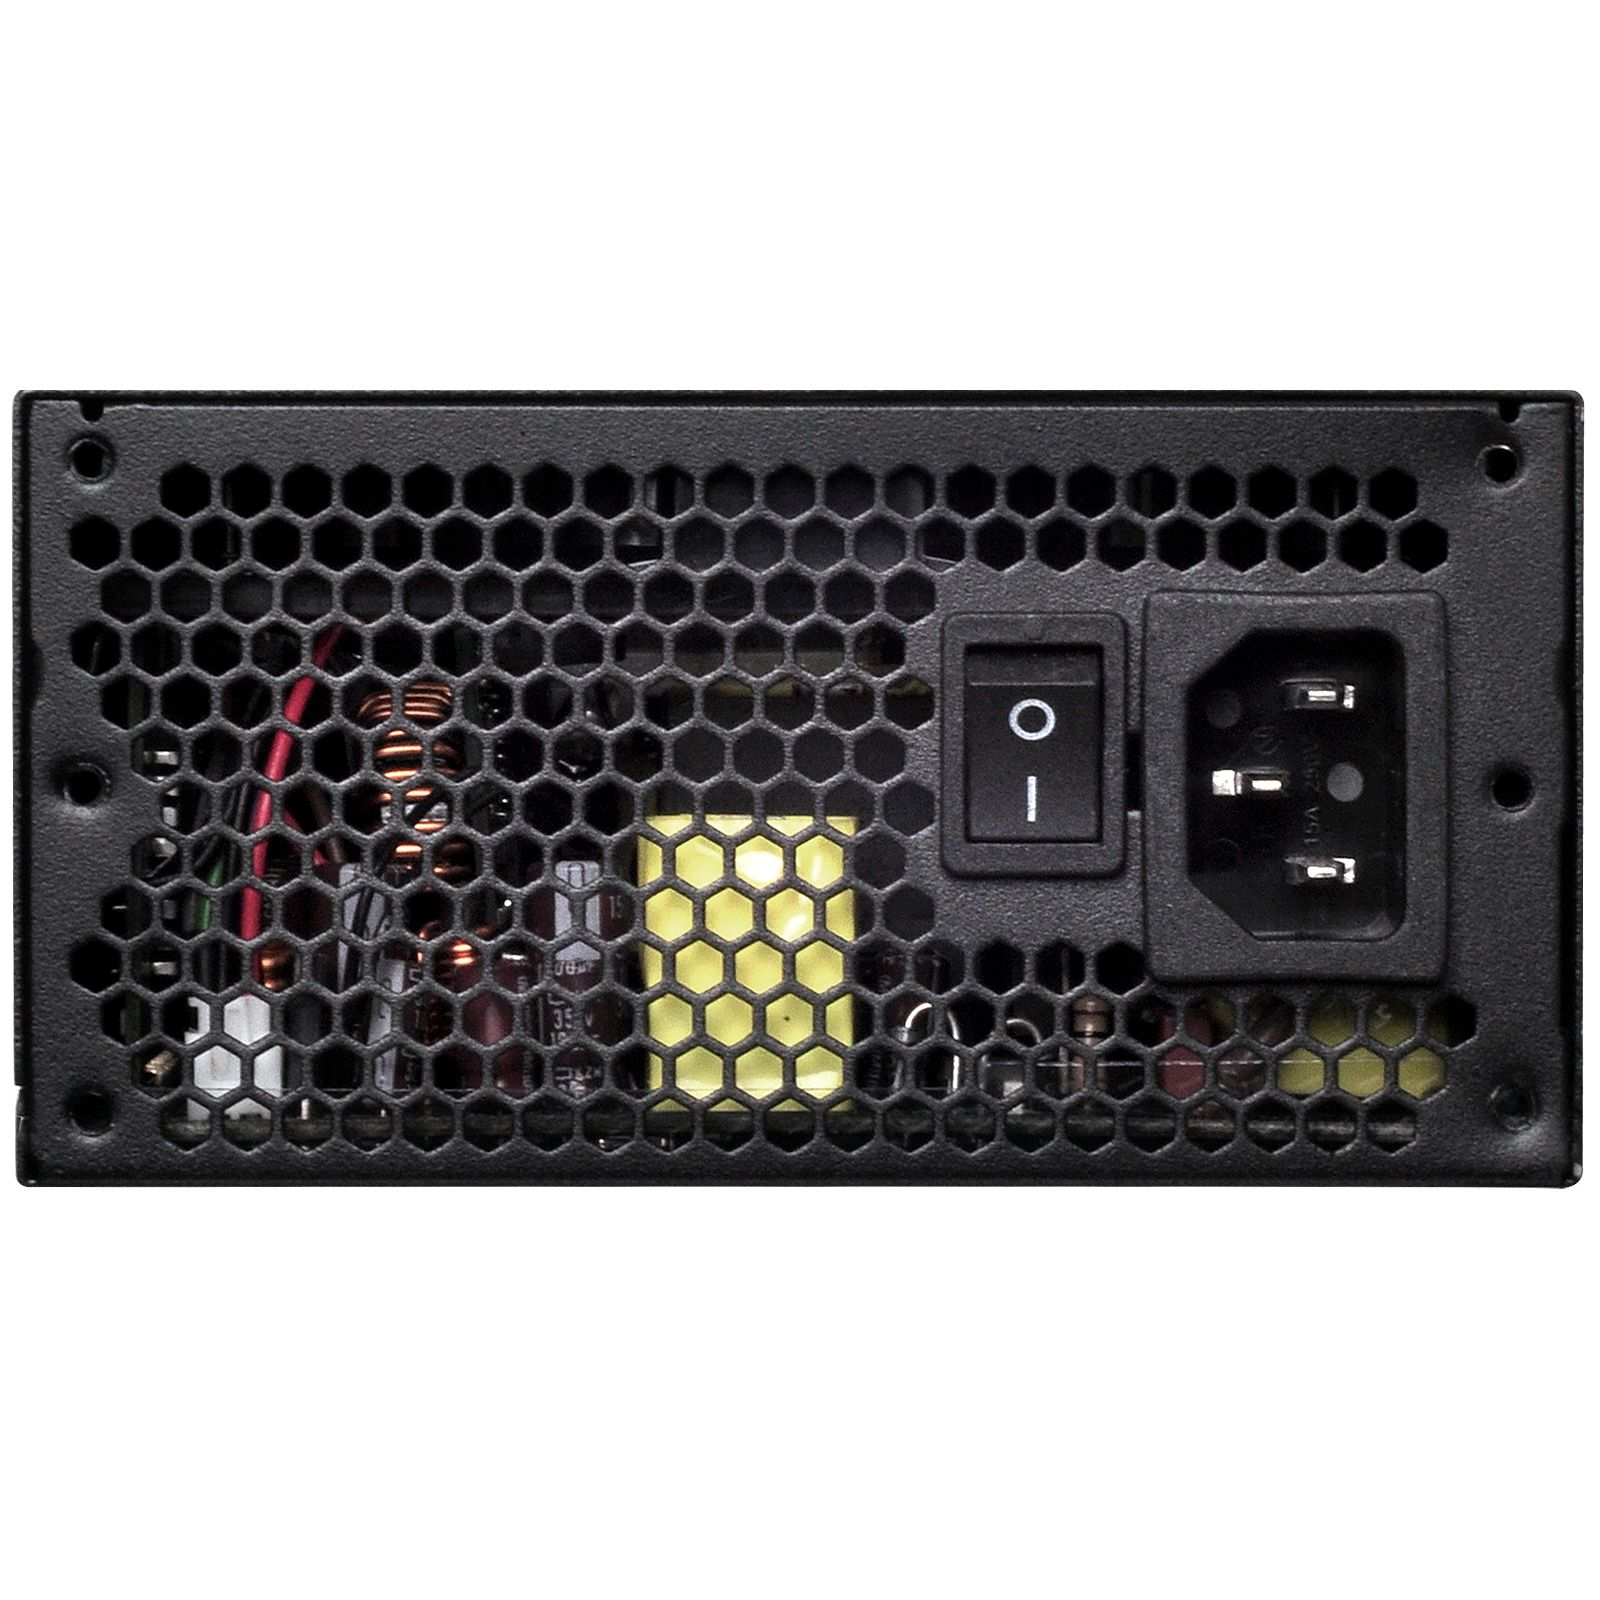 SILVERSTONE SFX-L V2.0 500W '80 PLUS GOLD' FULLY MODULAR POWER SUPPLY SST-SX500-LG v 2.0